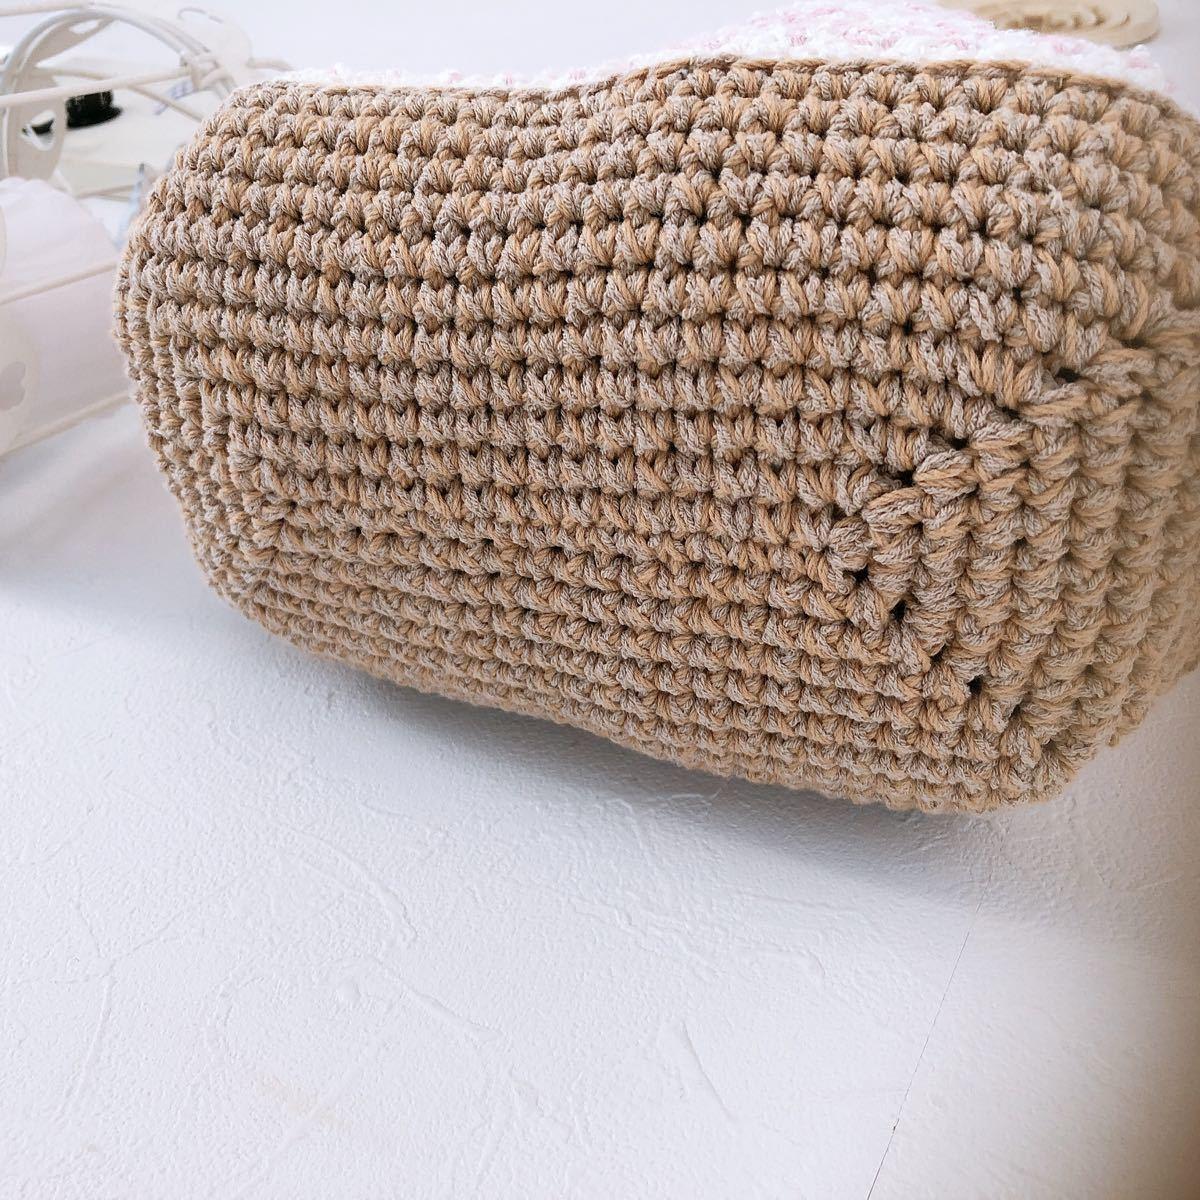 トートバッグ ランチバッグ  かごバッグ ハンドメイドバッグ